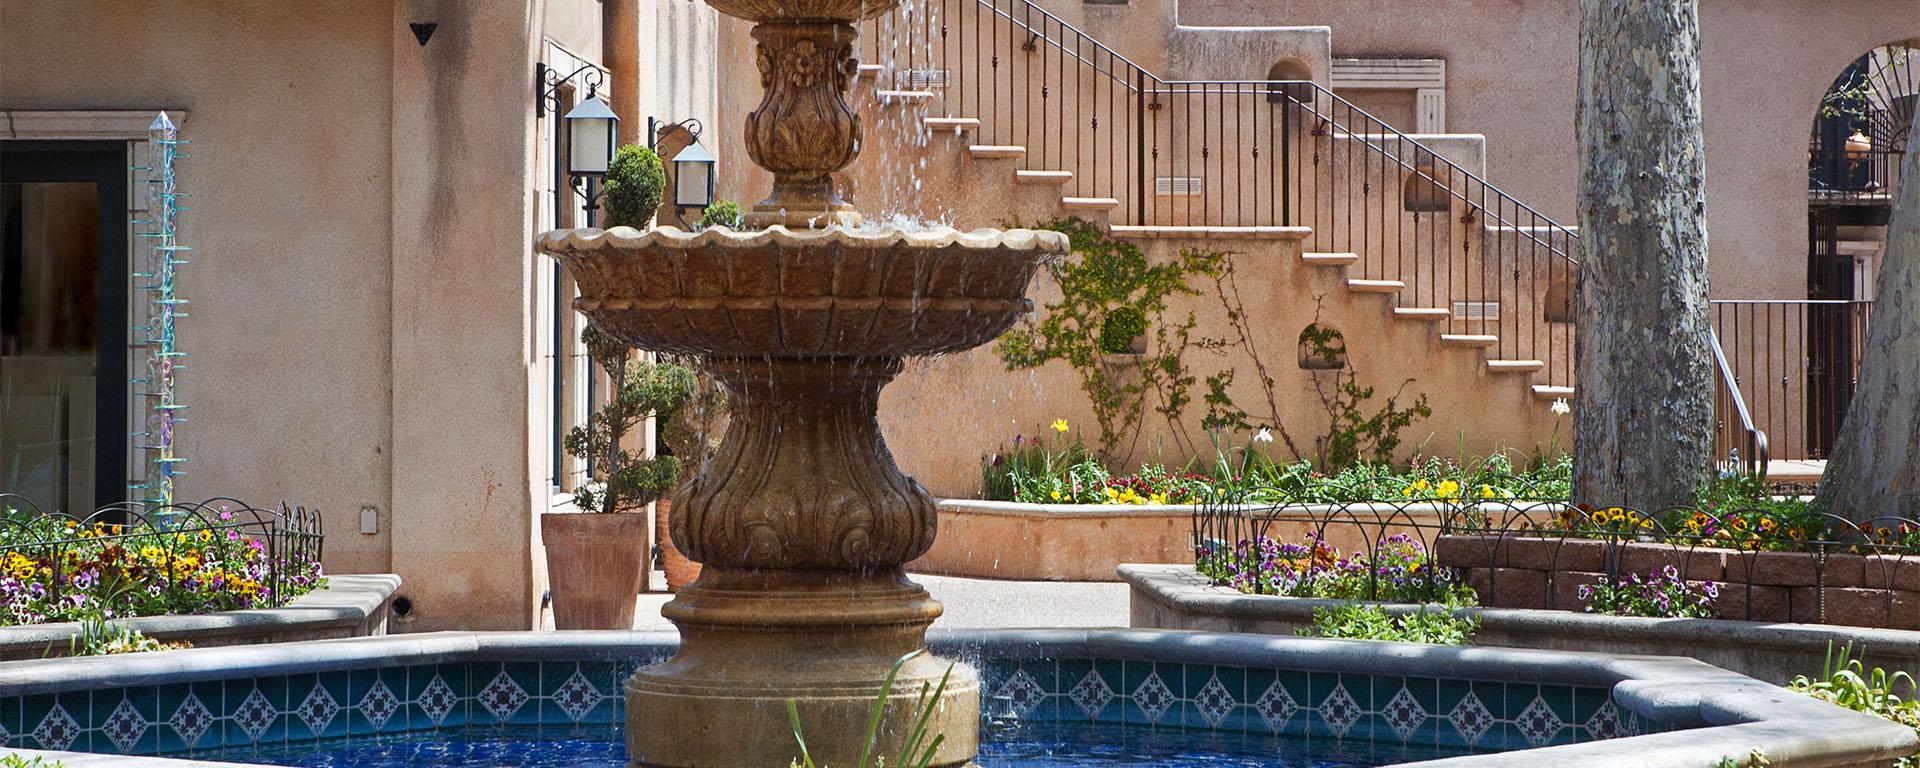 Fountain courtyard at Tlaquepaque artisan village in Sedona, Arizona